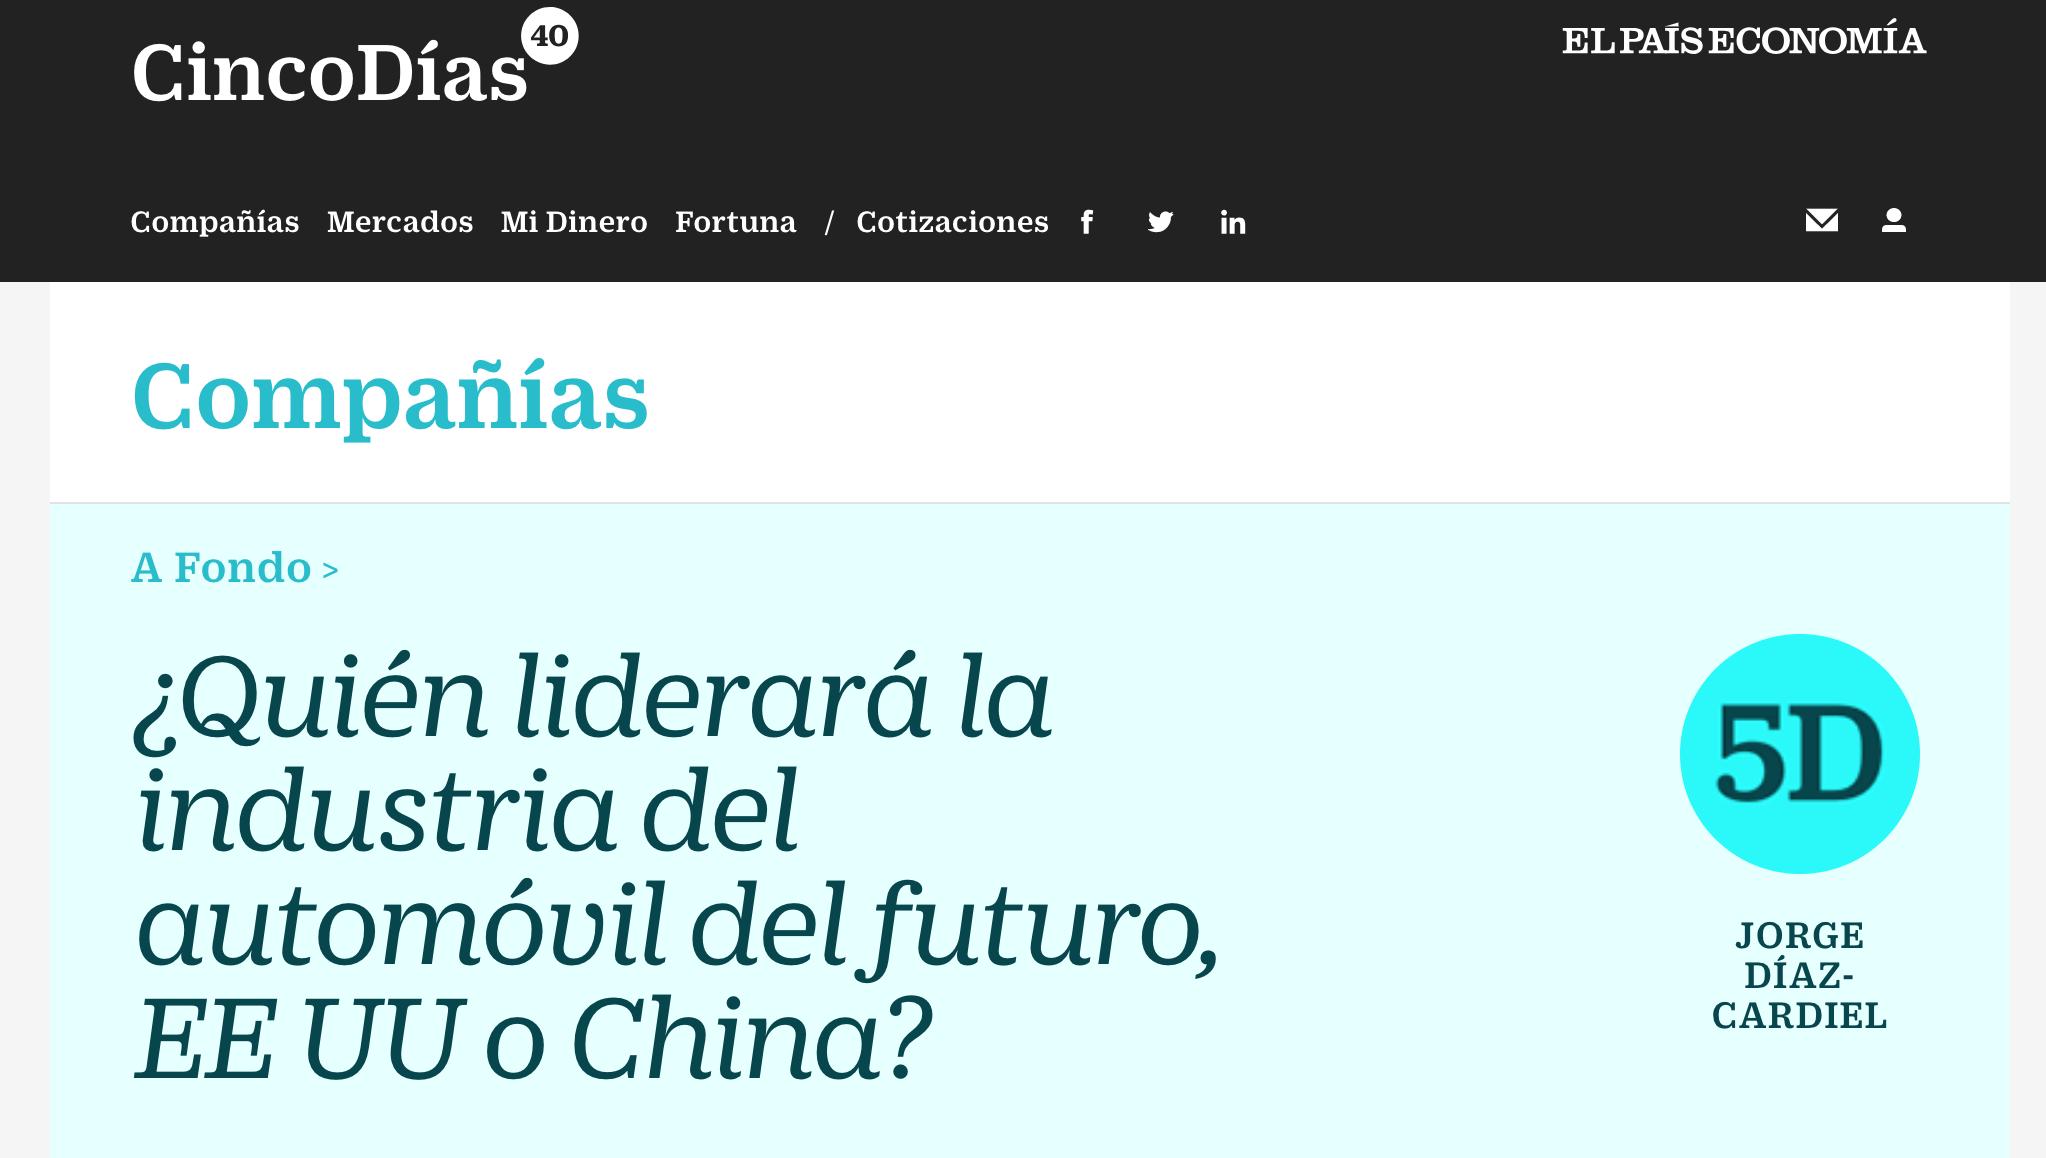 Artículo de Jorge Díaz-Cardiel en Cinco Días – El País Economía